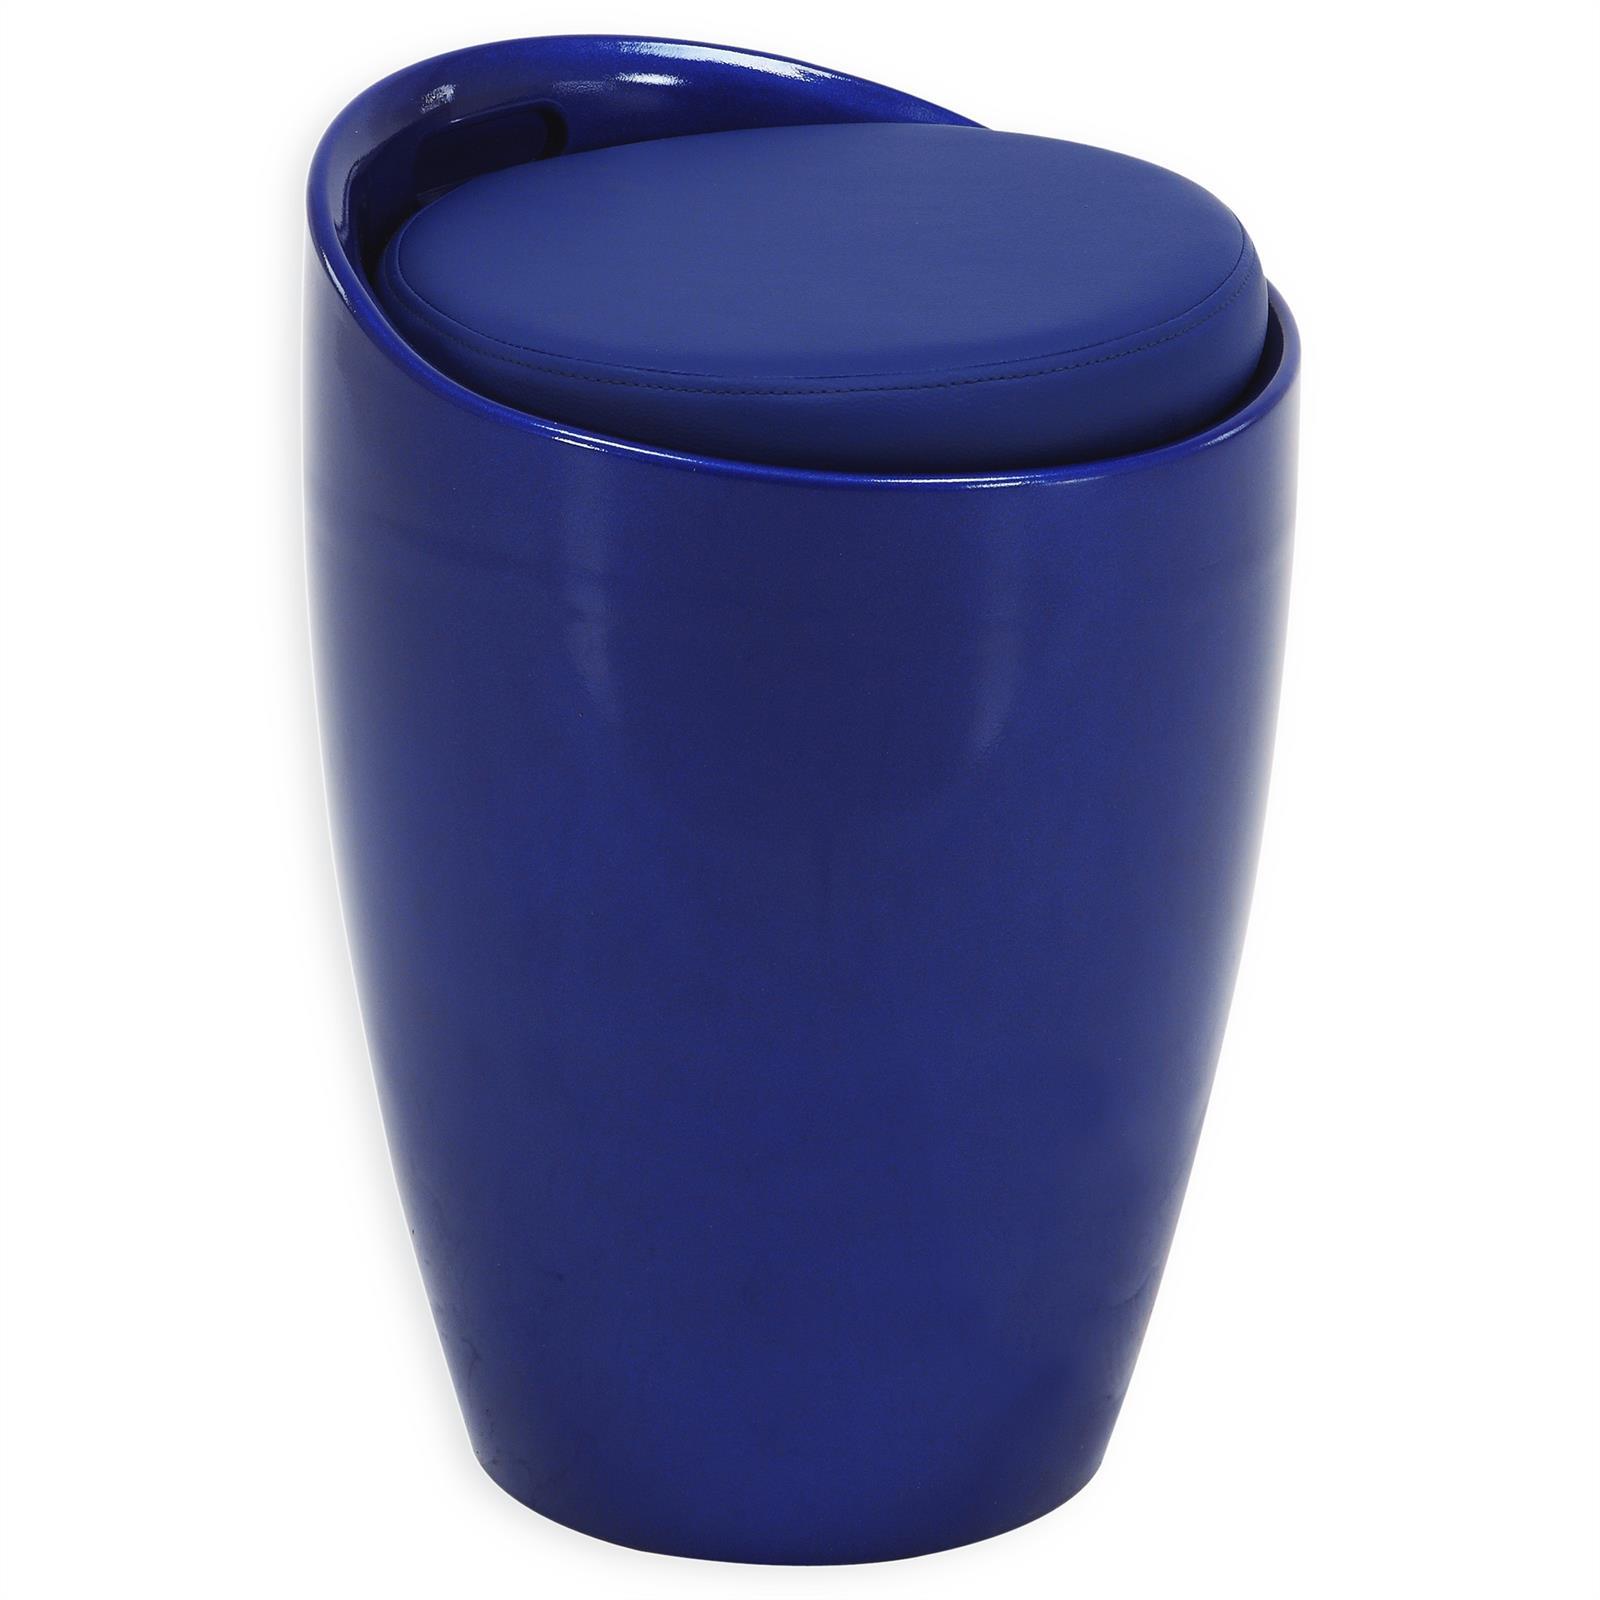 Sitzhocker DANIEL mit Stauraum blau  mobilia24